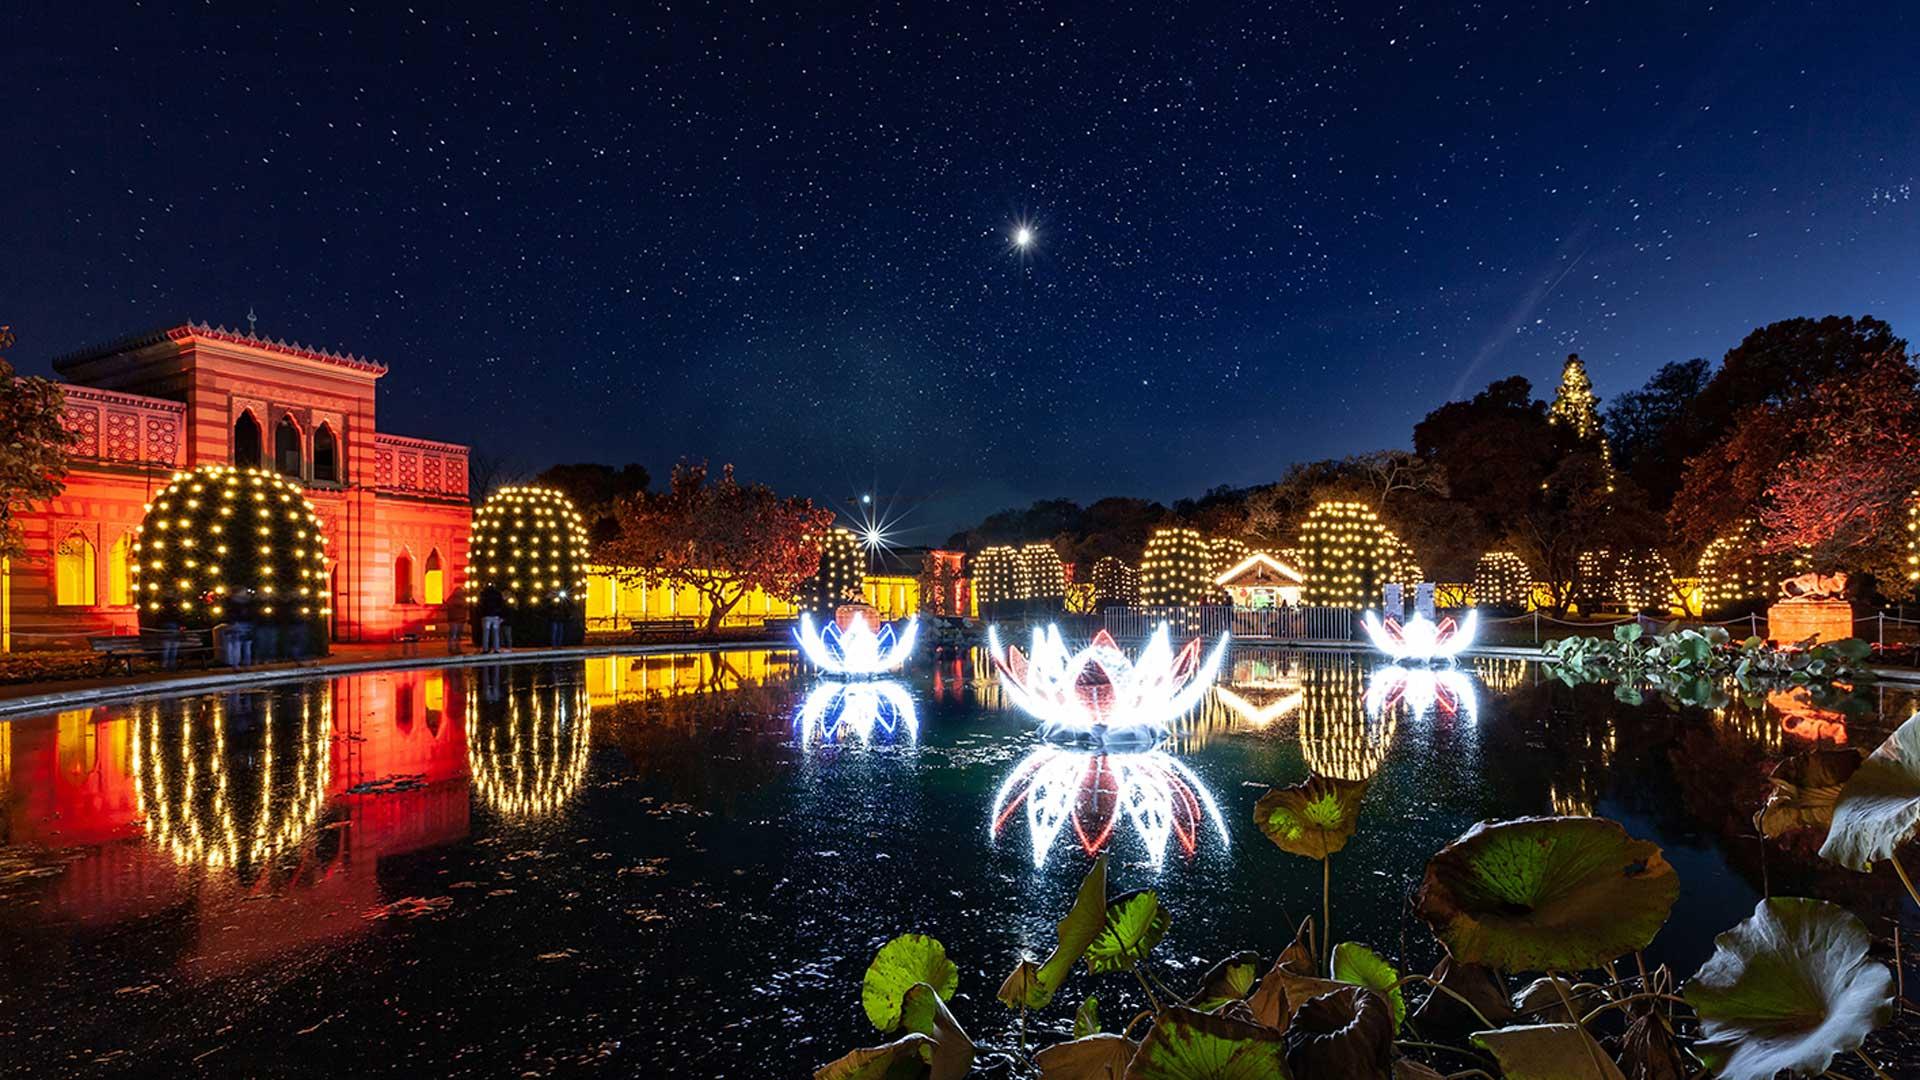 Christmas Garden 2021